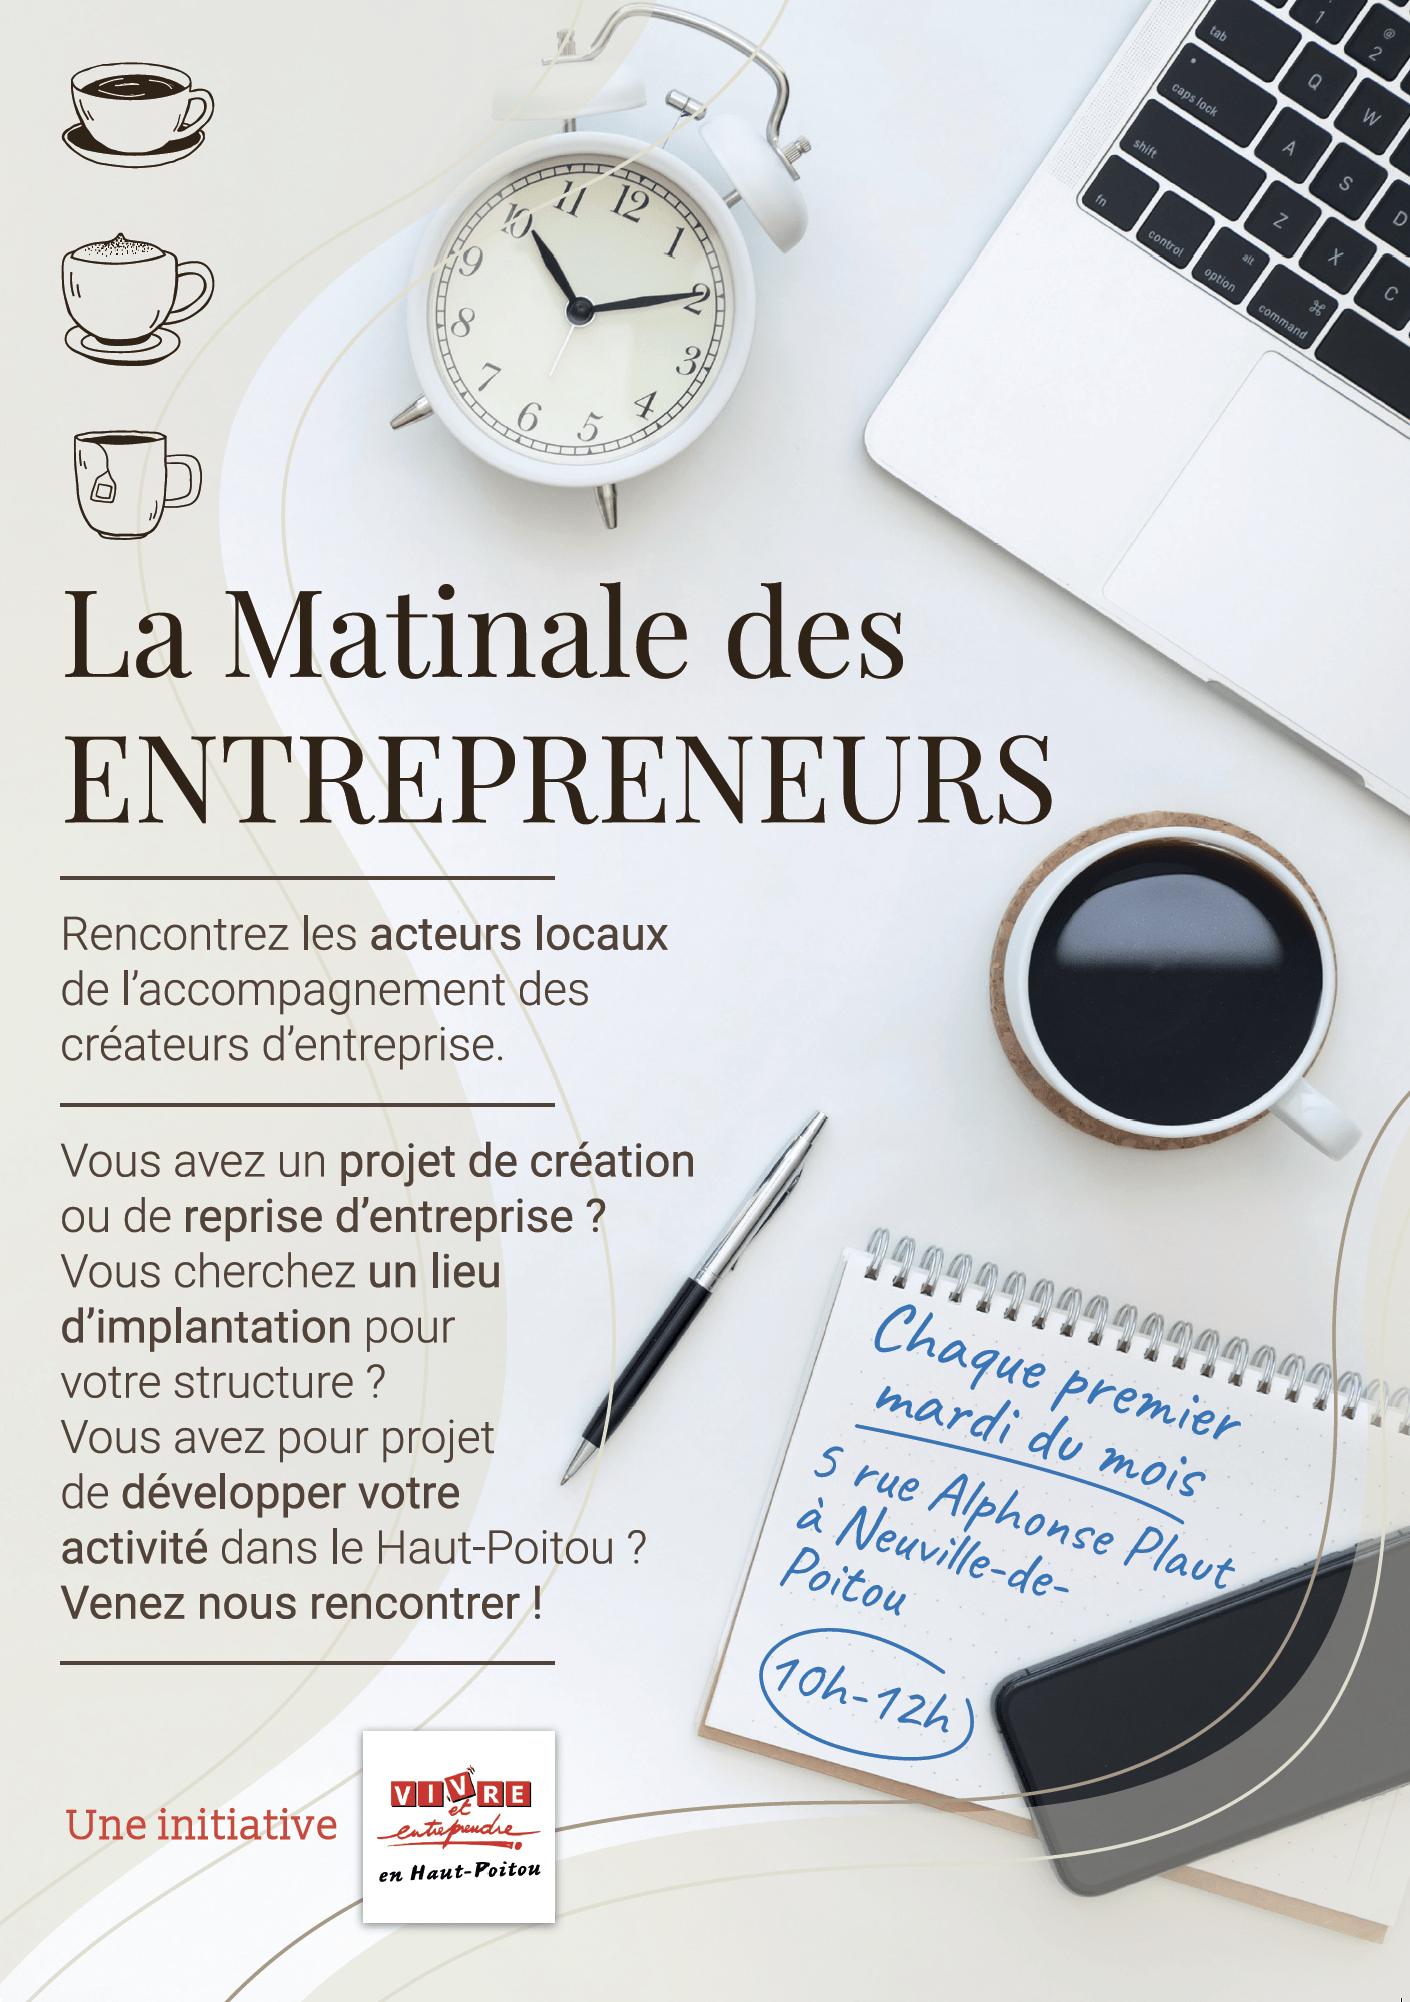 La Matinale des Entrepreneurs